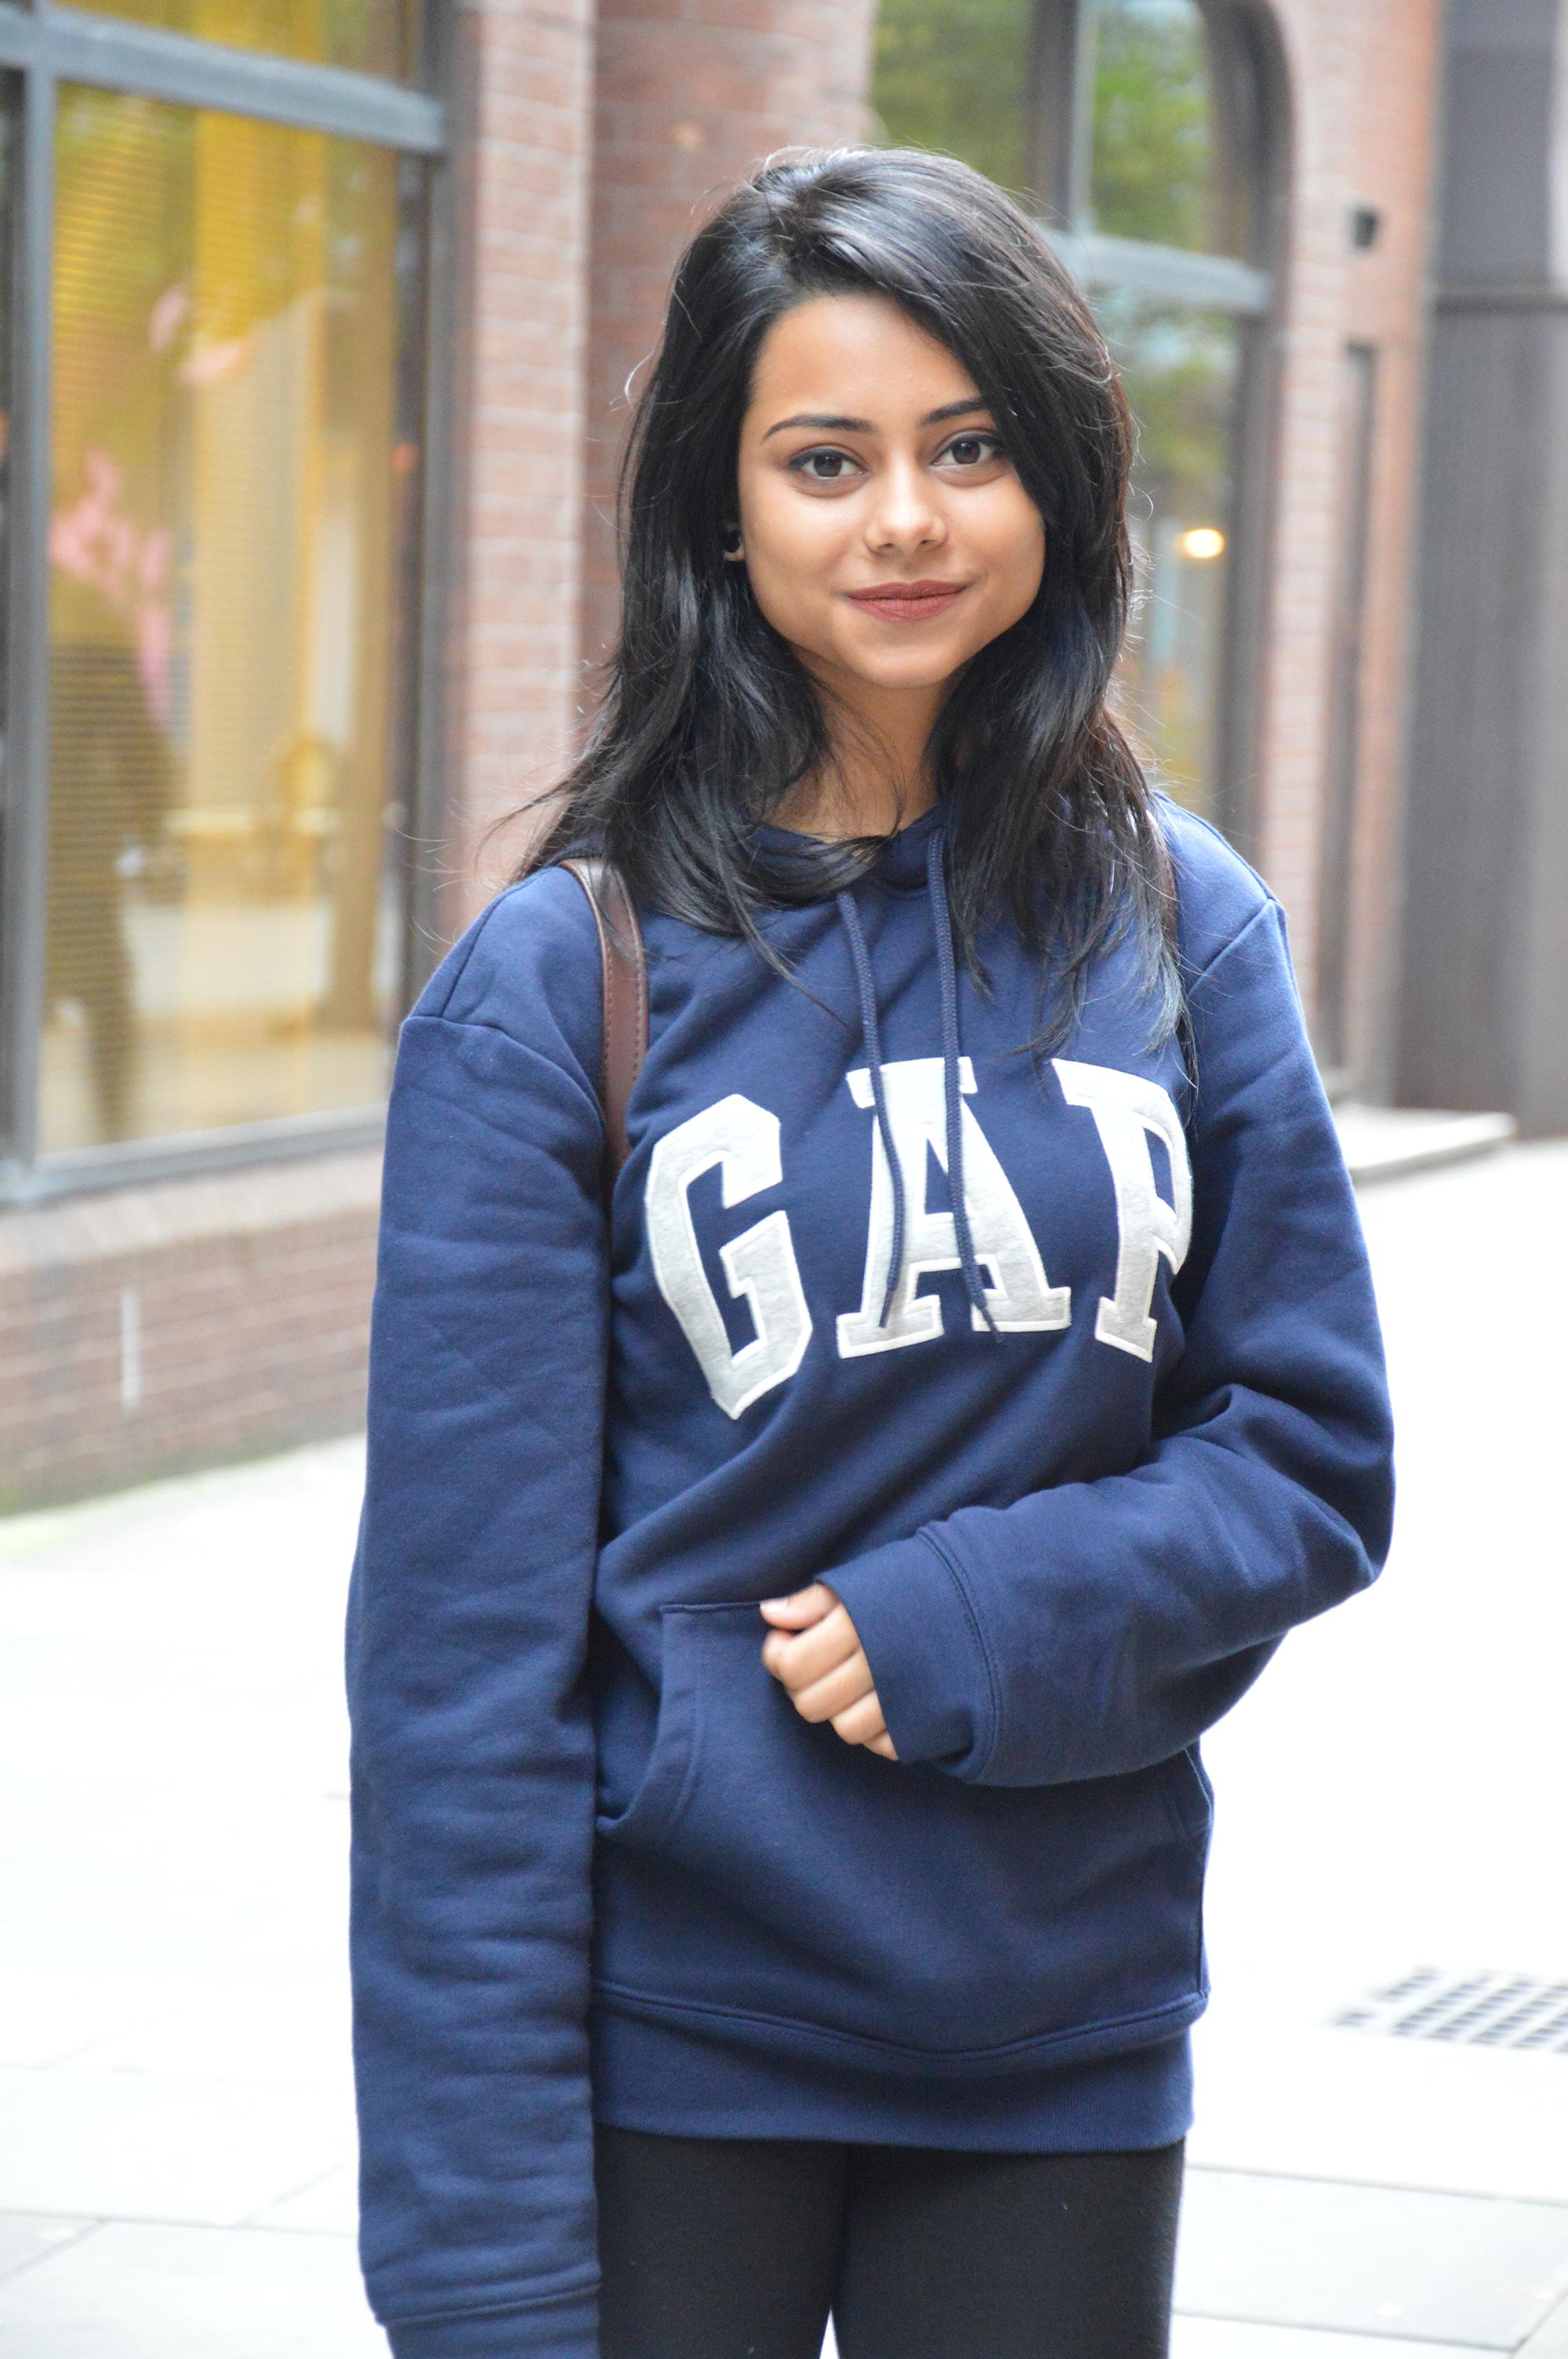 Photo of international student Yunaisa at INTO London